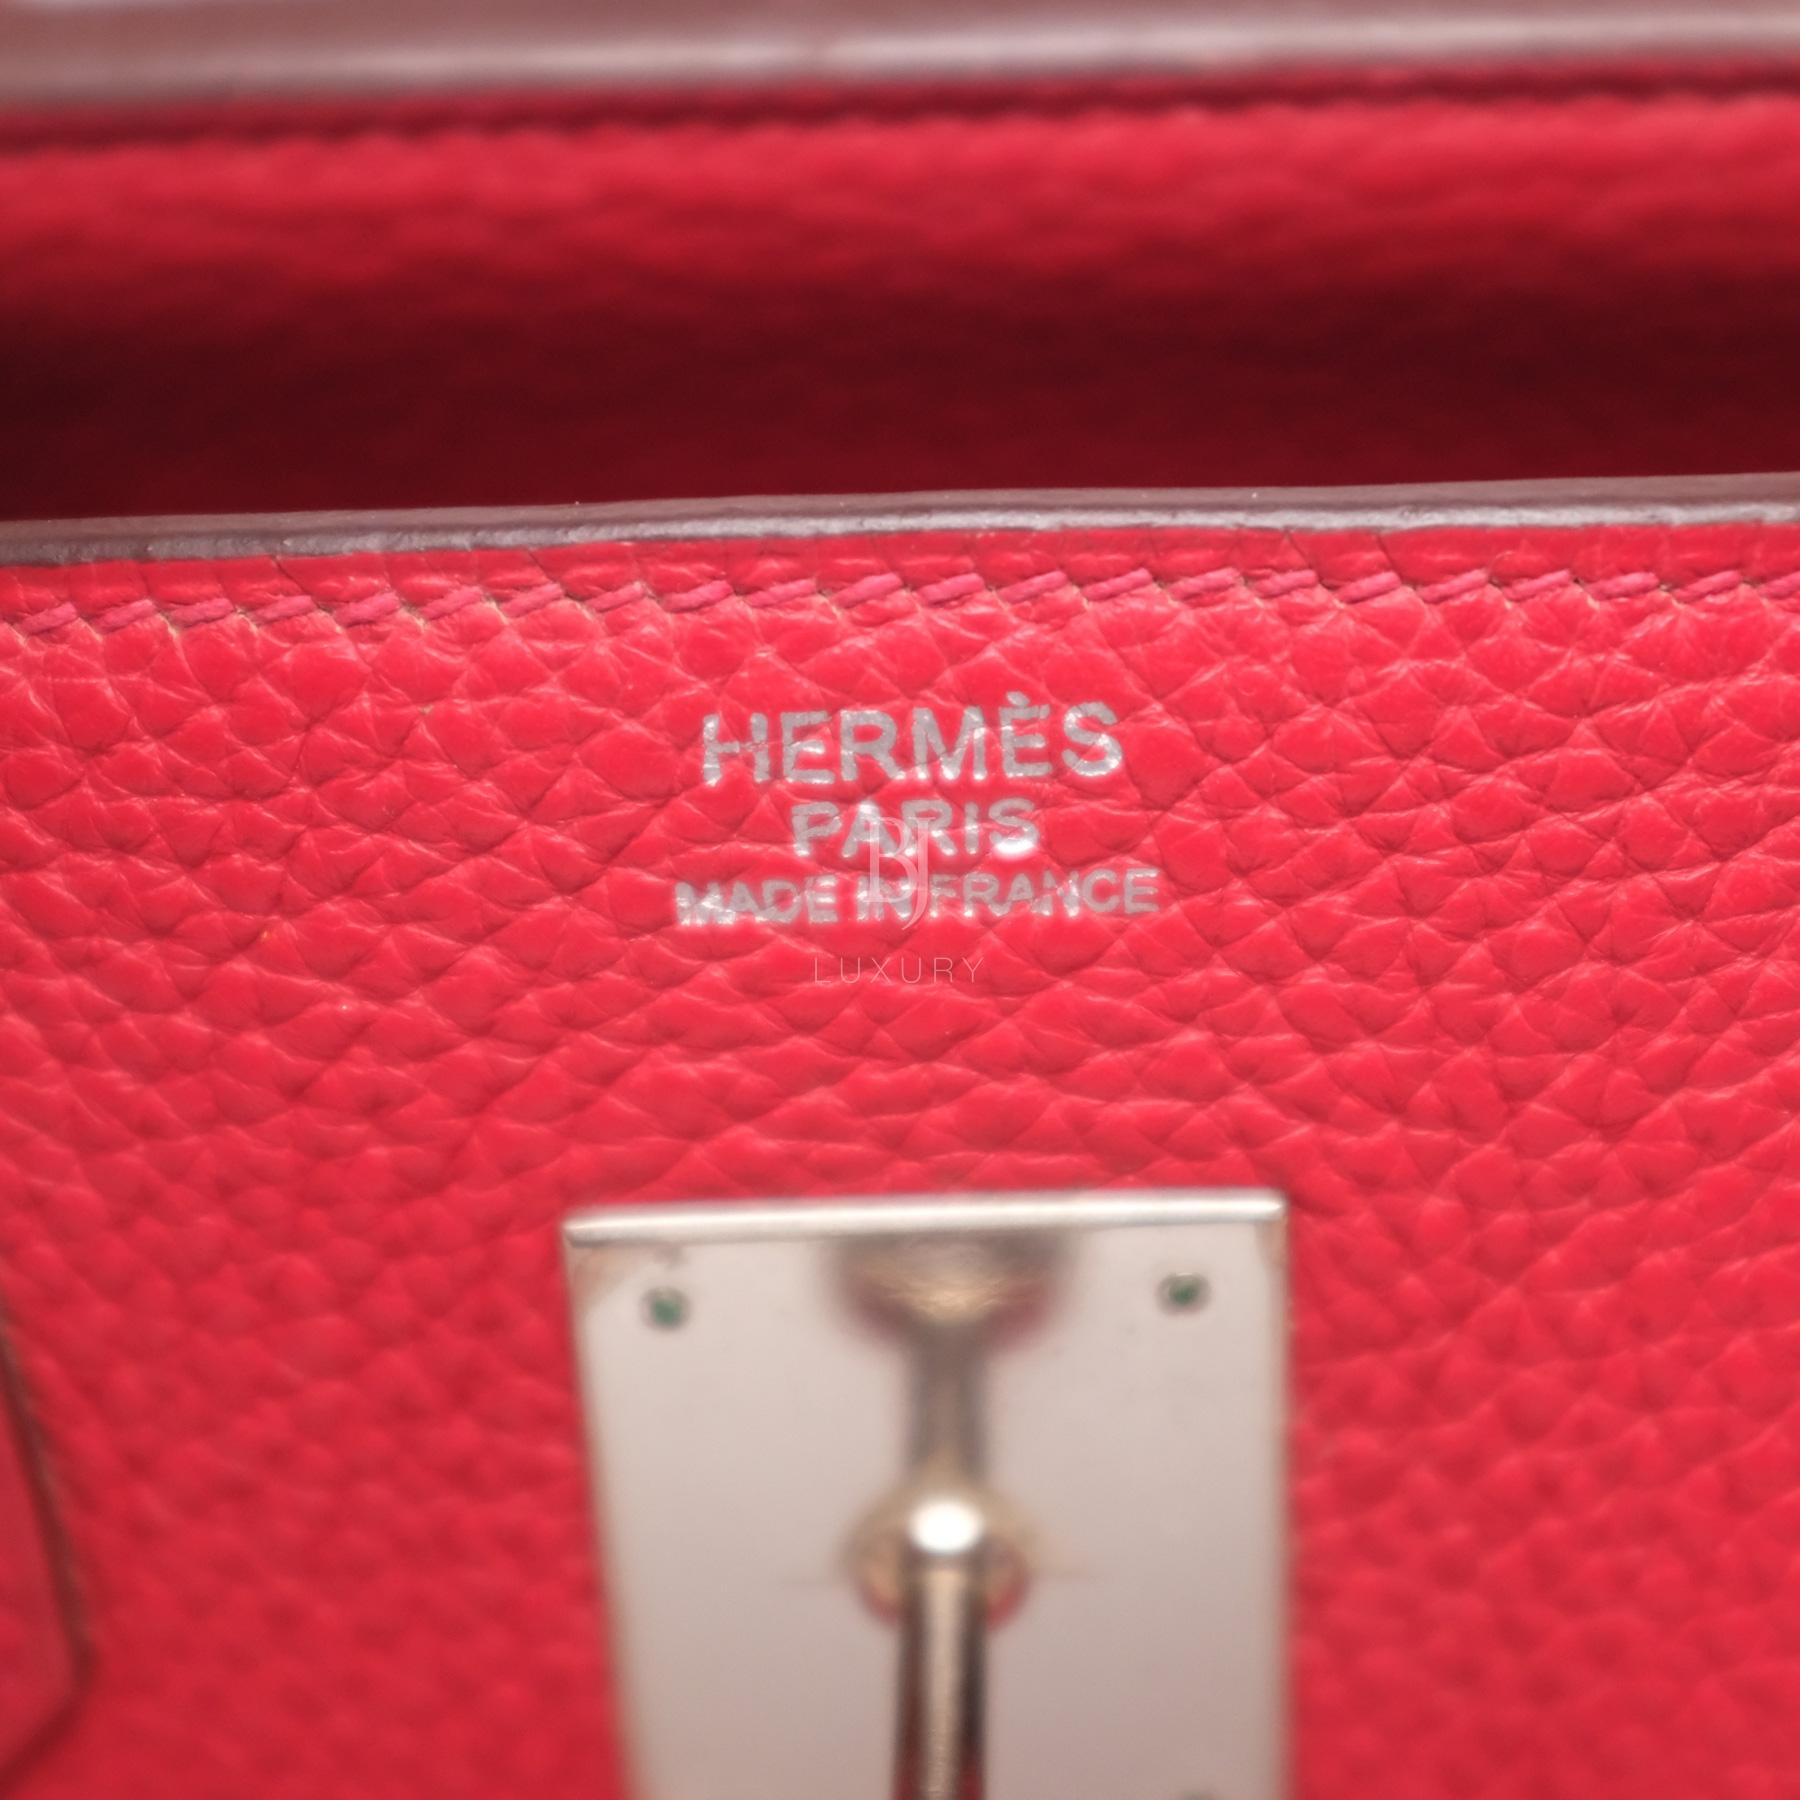 Hermes Birkin 30 Rouge Casaque Clemence Palladium BJ Luxury 1.jpg